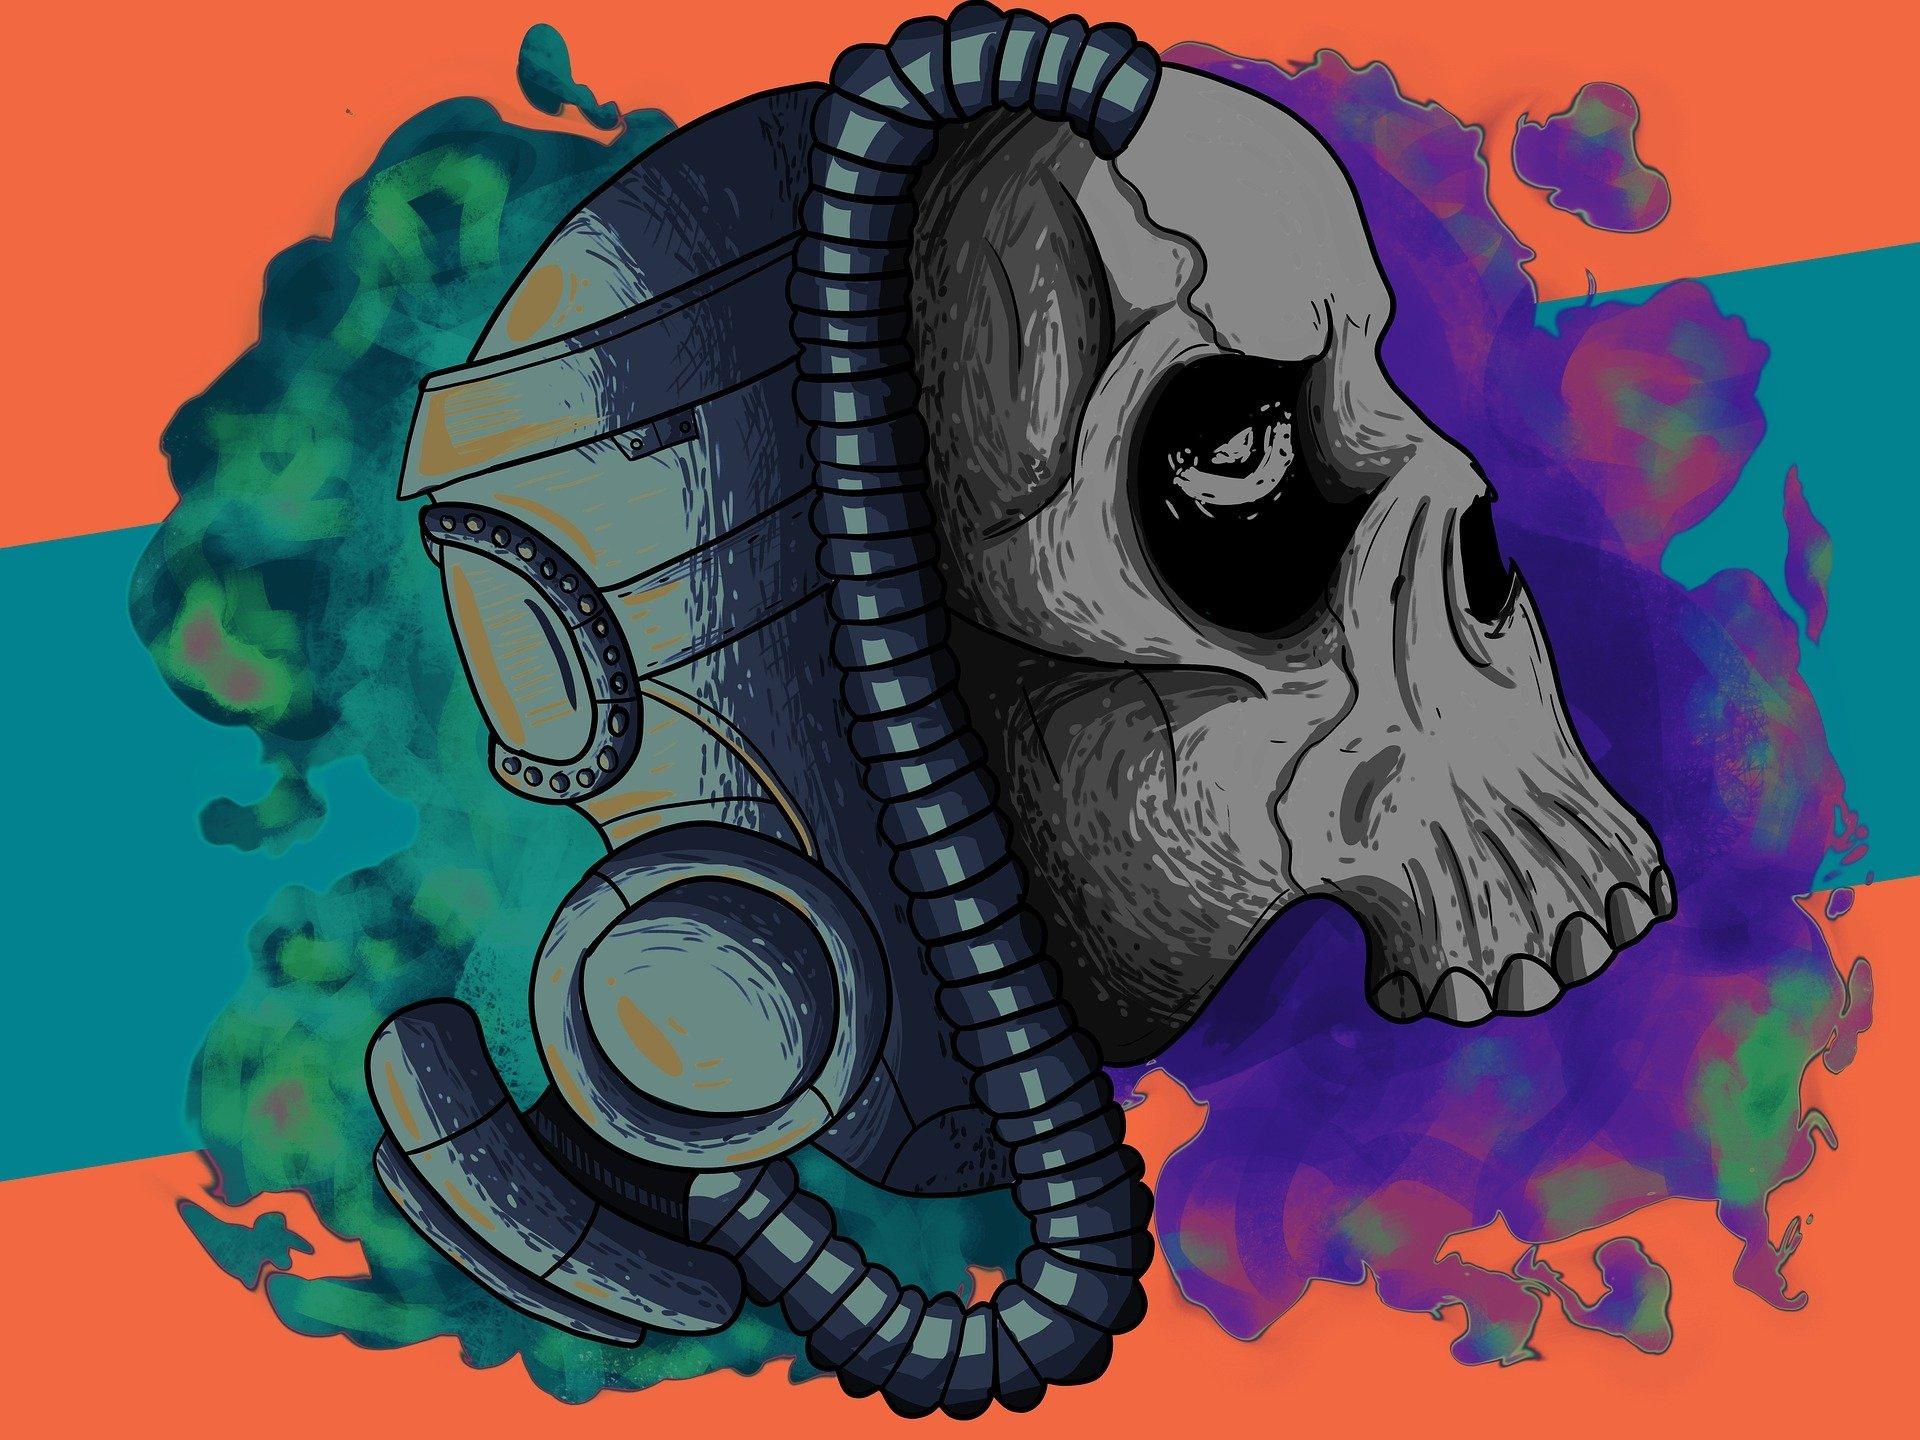 Art ID: 130654